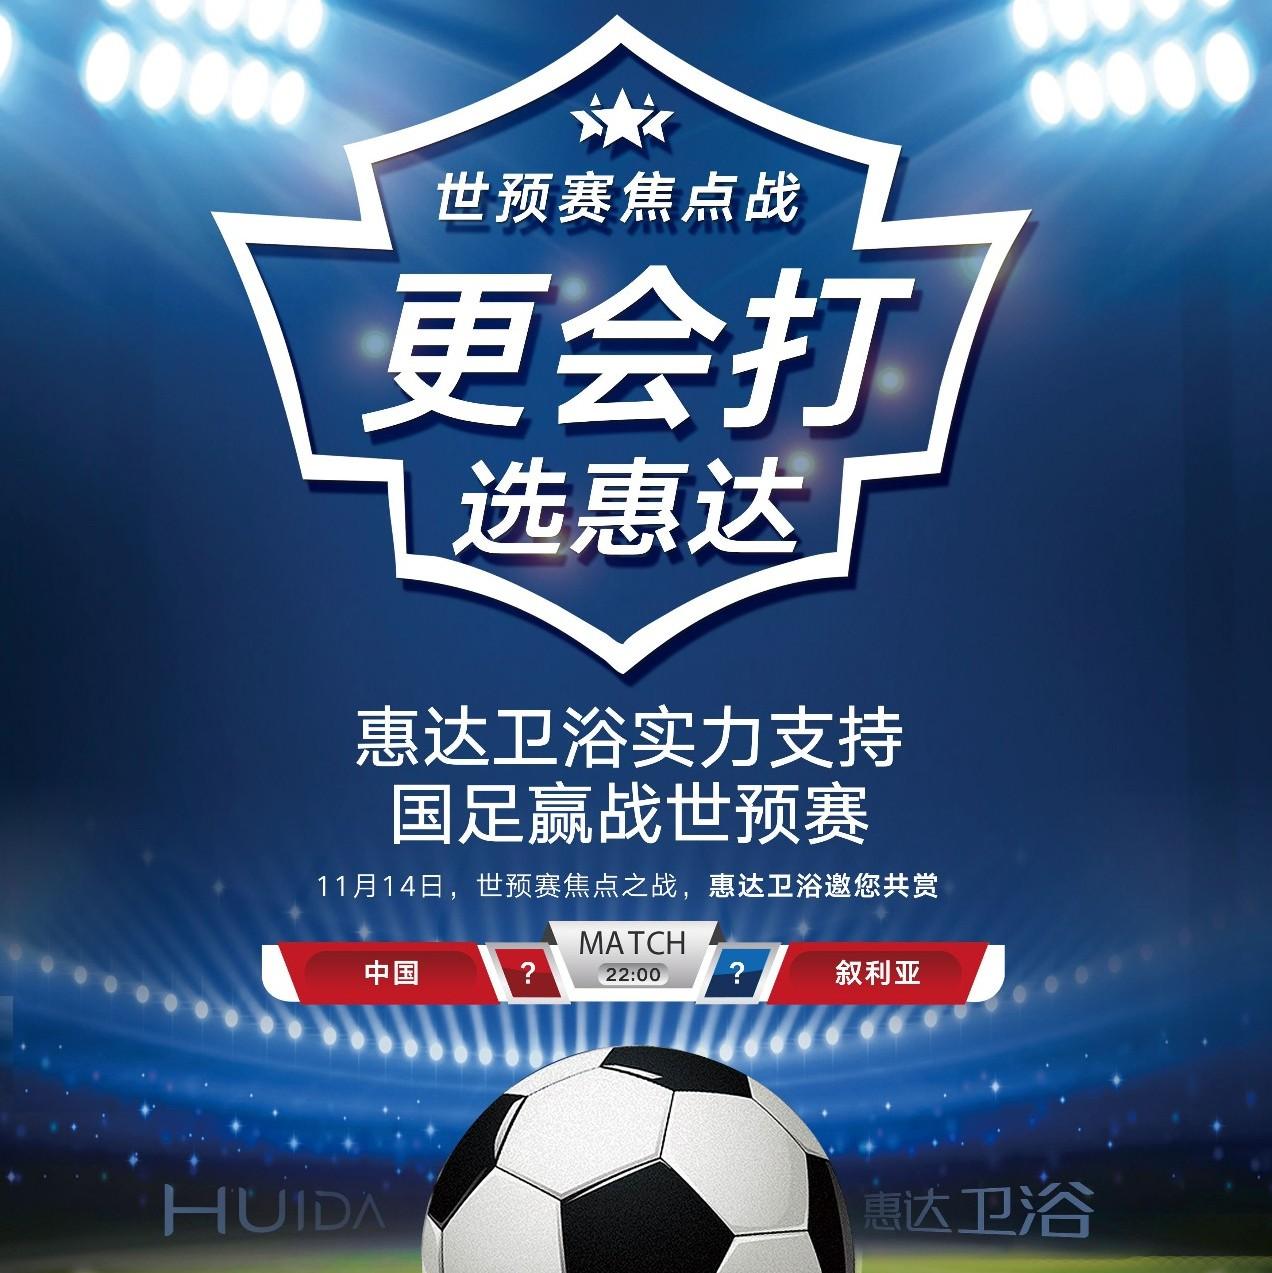 惠达卫浴将亮相世预赛国际赛场,为国足加油!